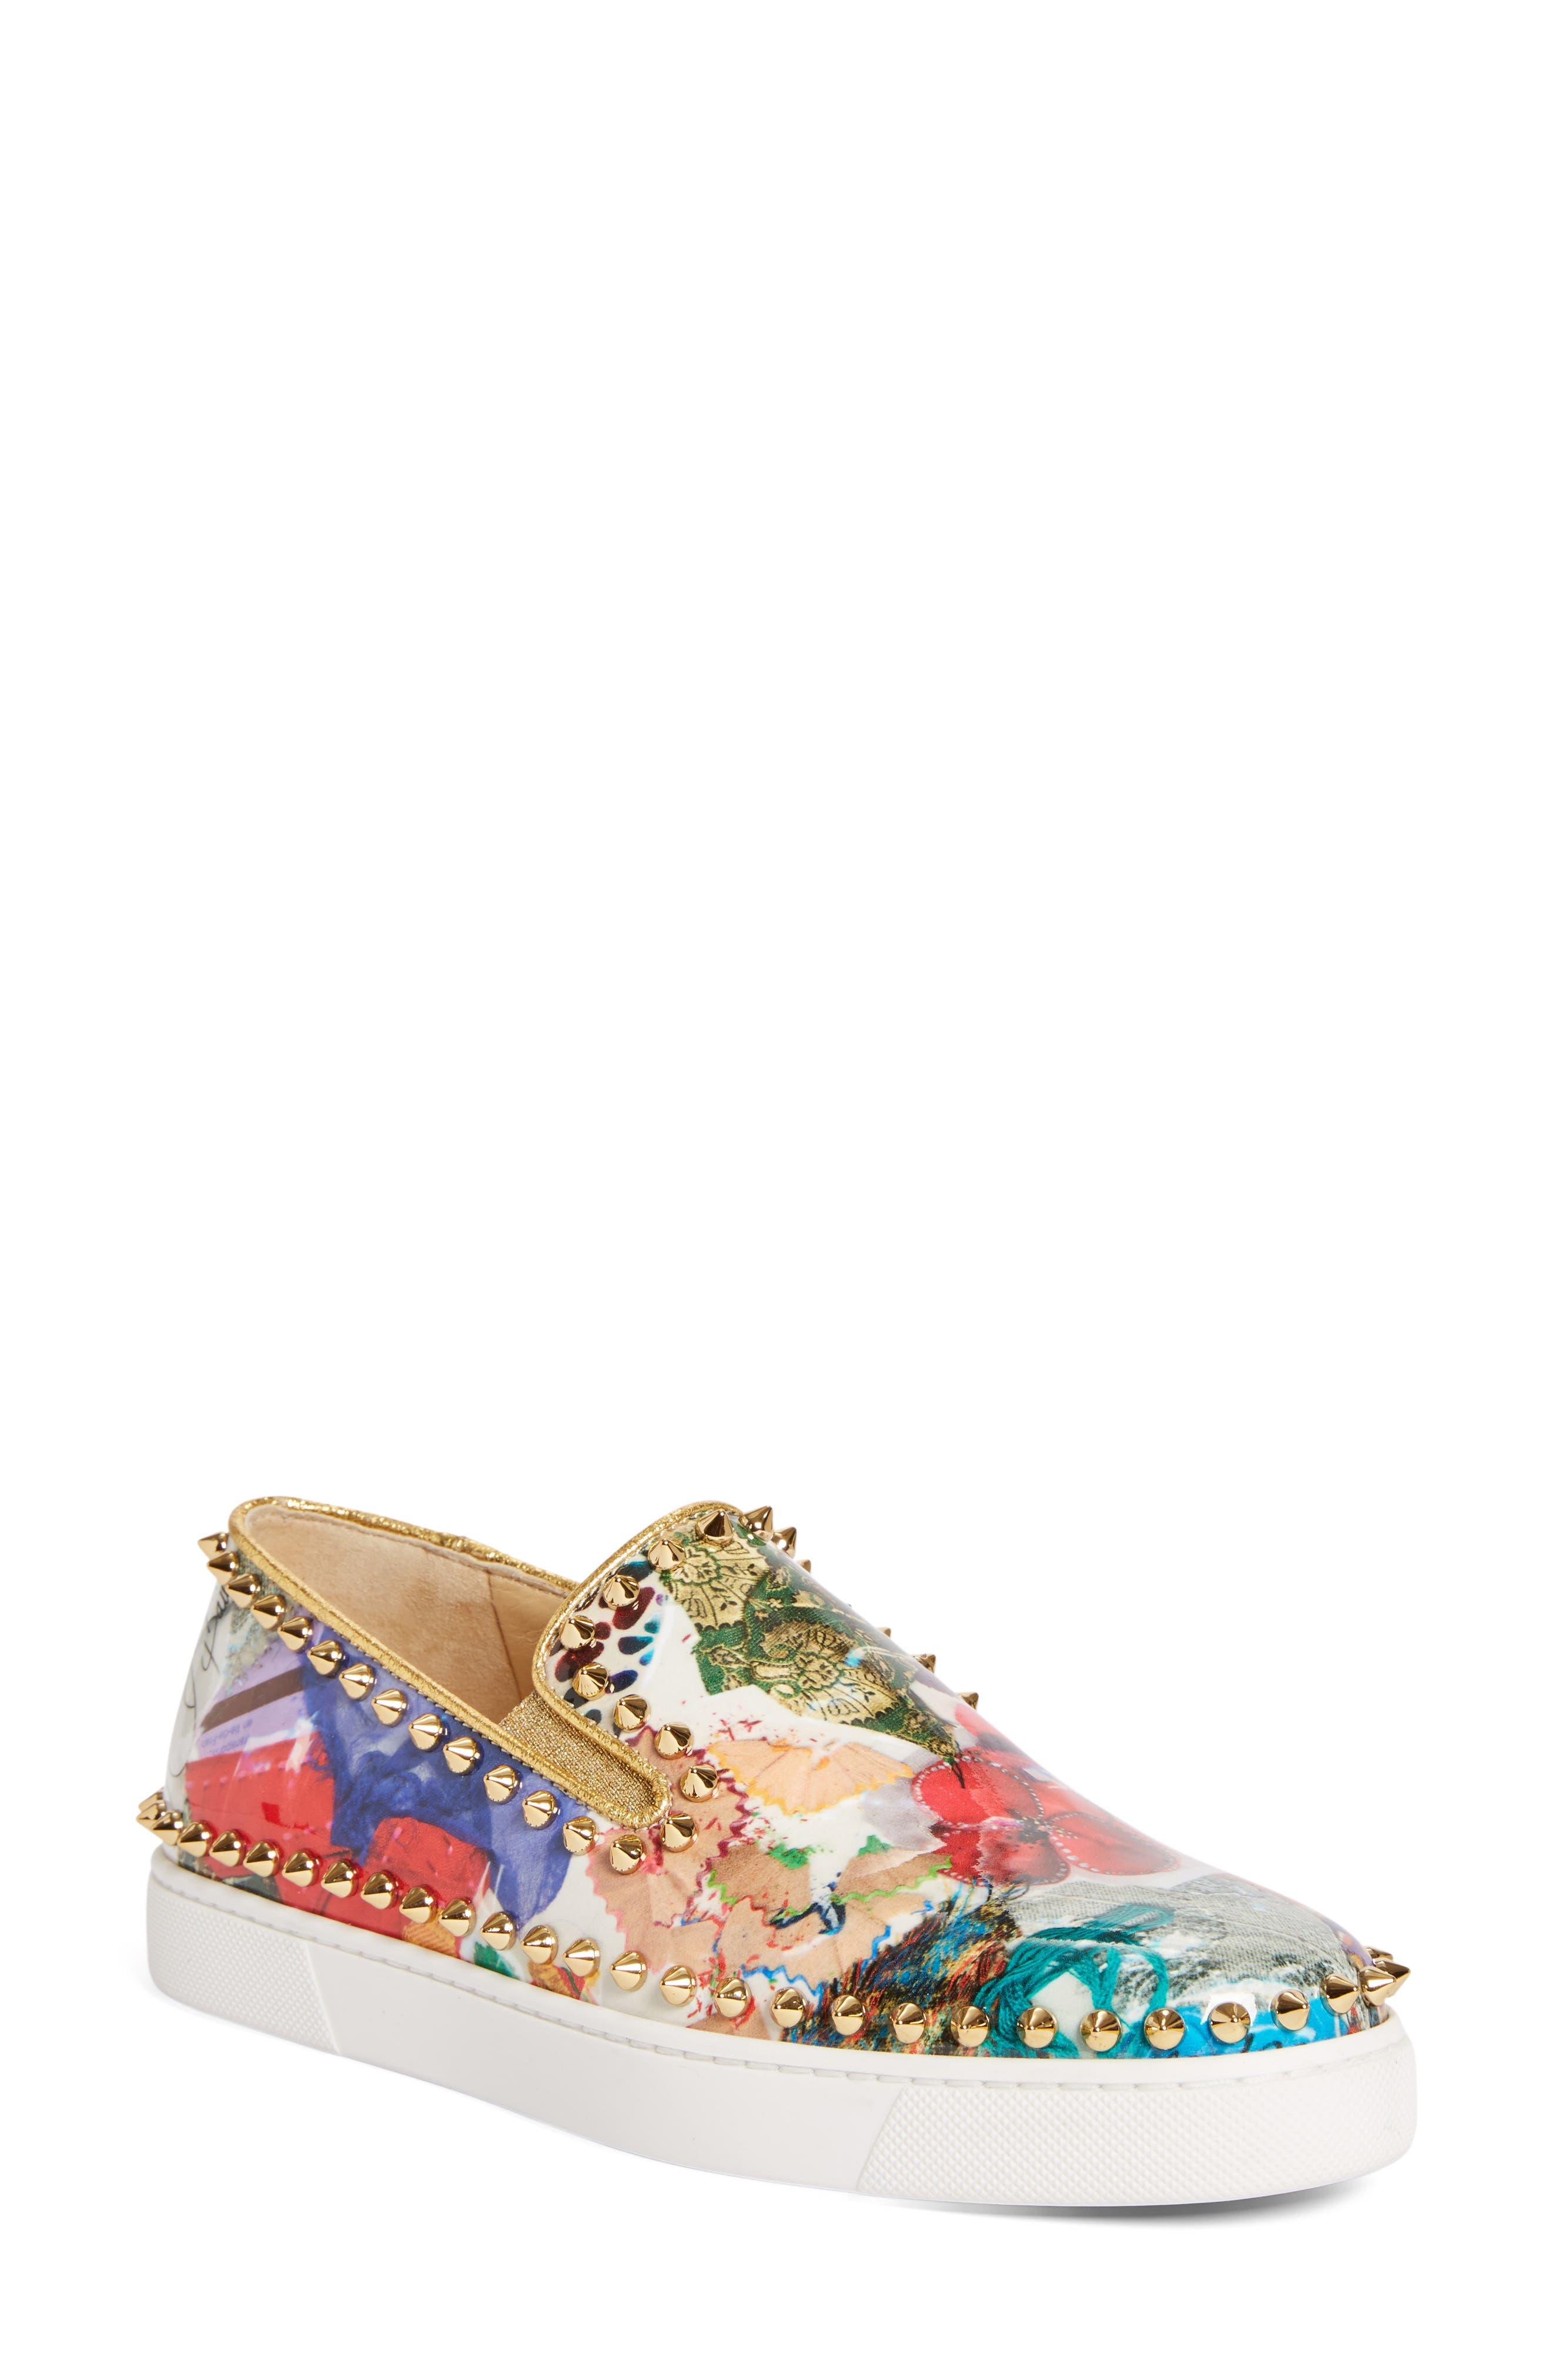 Alternate Image 1 Selected - Christian Louboutin Pik Boat Slip-On Sneaker (Women)